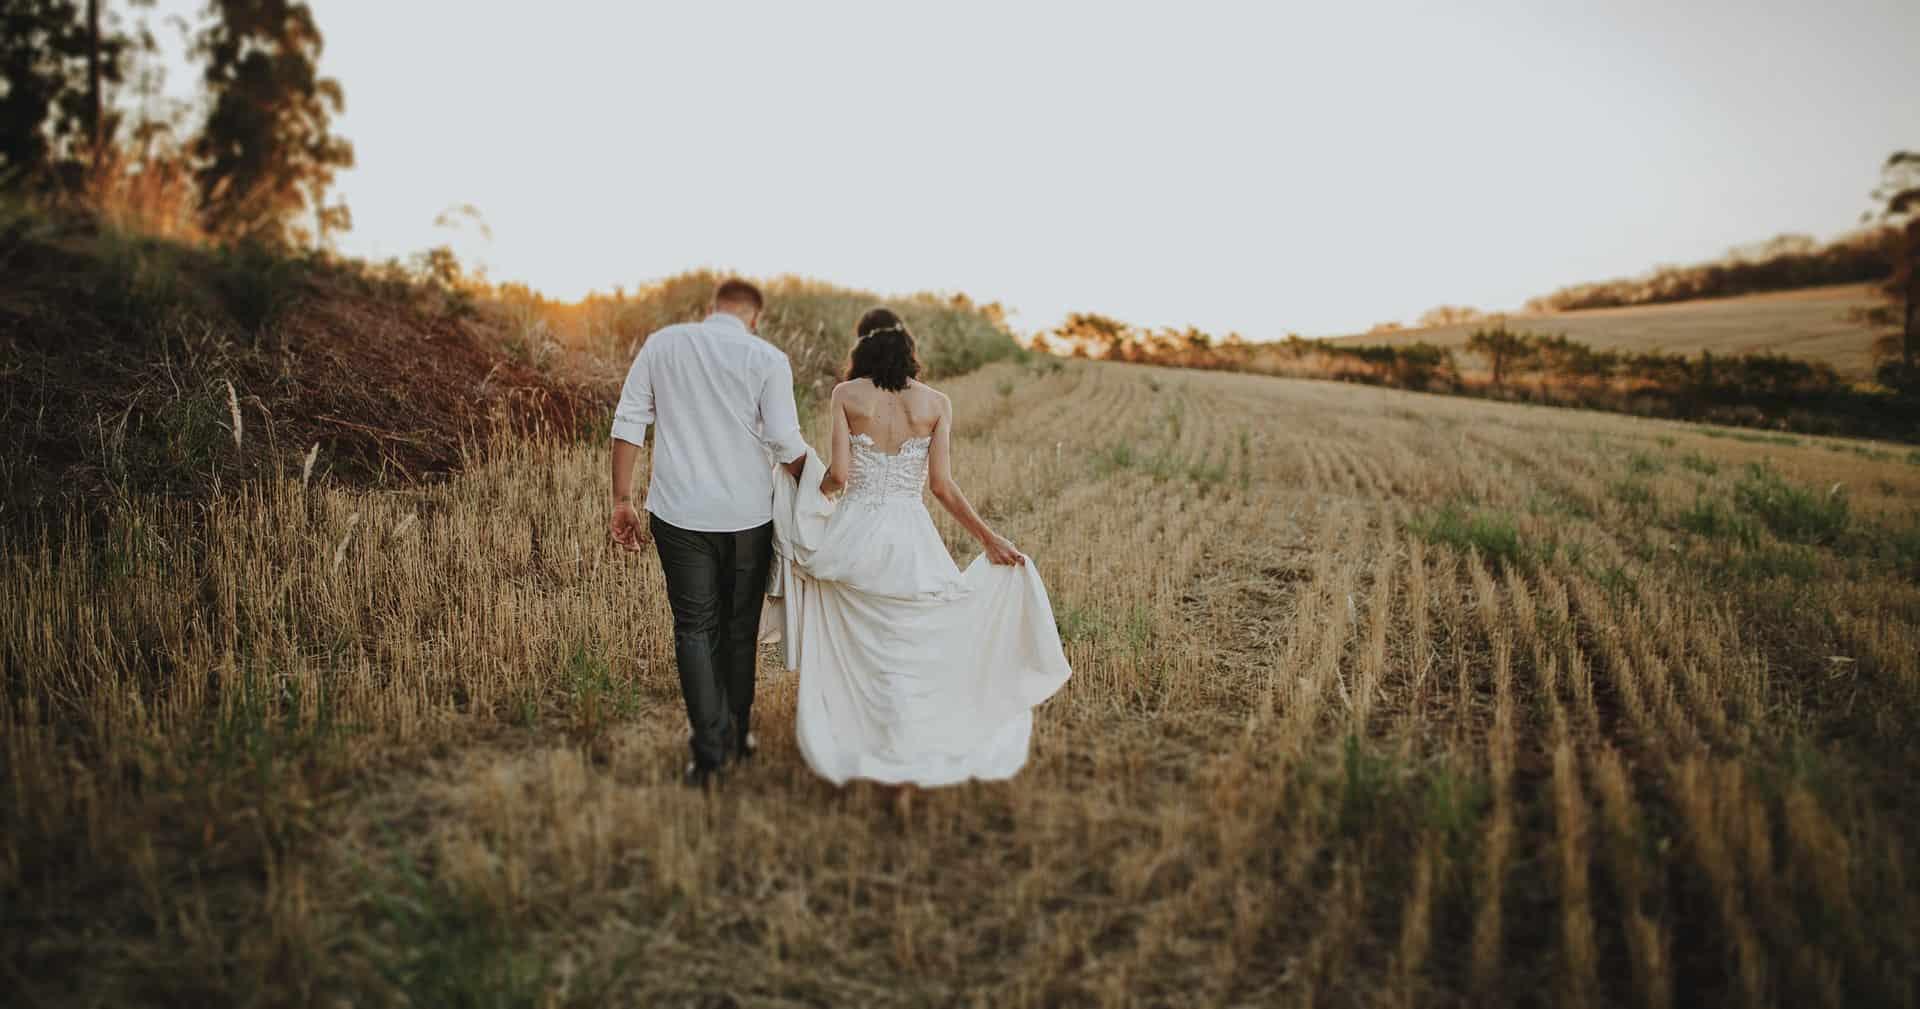 יום החתונה - צ'ק ליסט